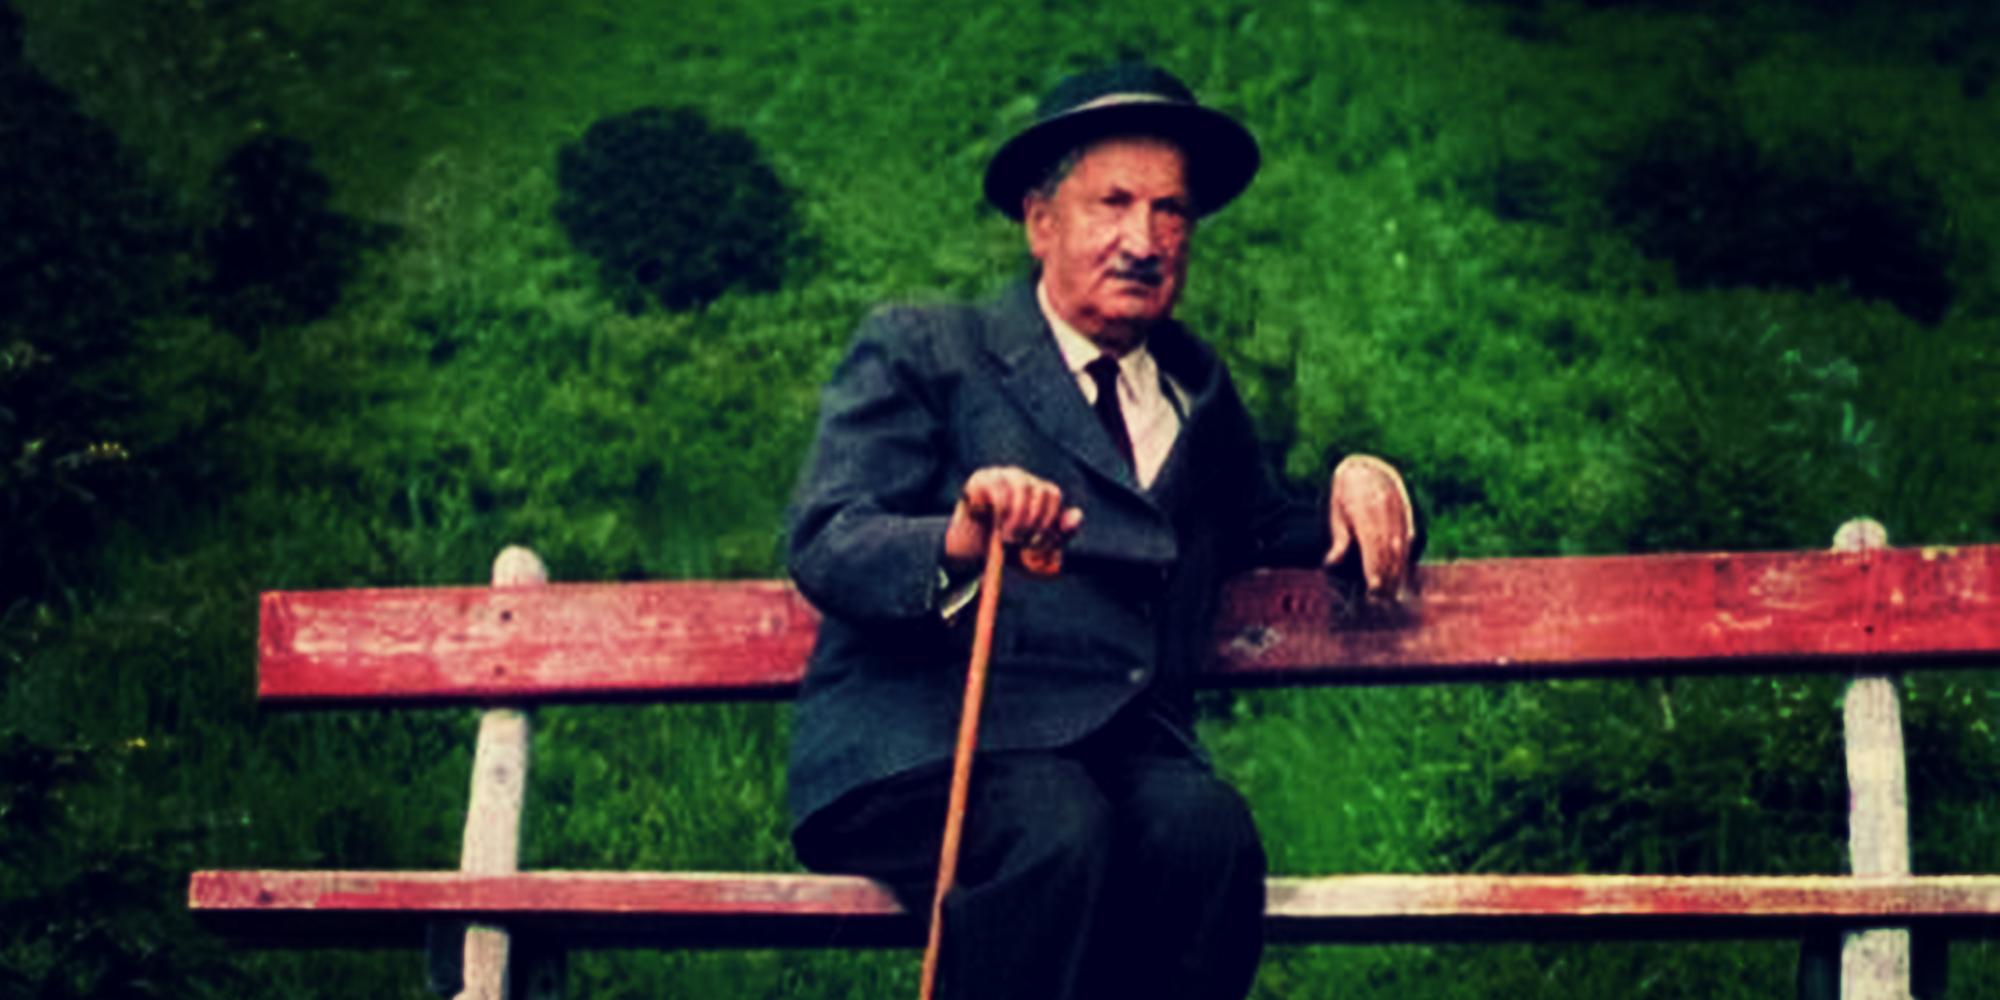 Os Conceitos Fundamentais da Metafísica: Mundo, Finitude, Solidão   Martin Heidegger